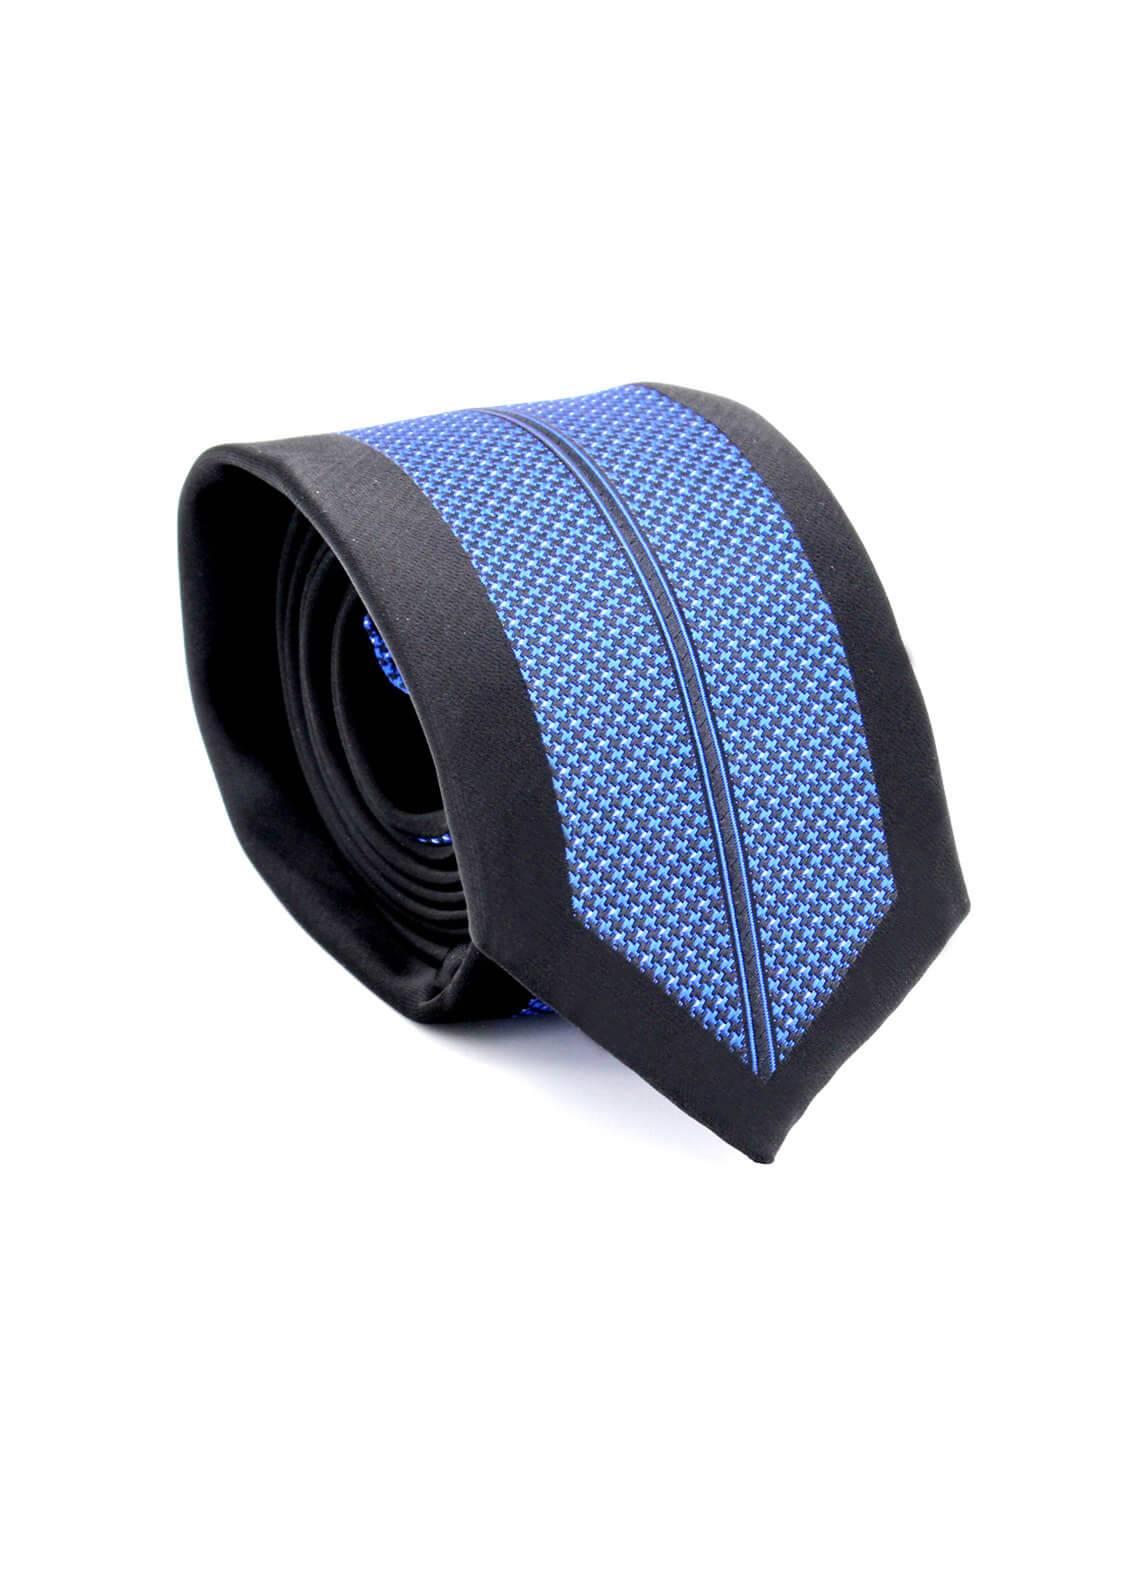 Skangen Multi-Patterned Wool Neck Tie Neck Tie SKTI-S-006 -